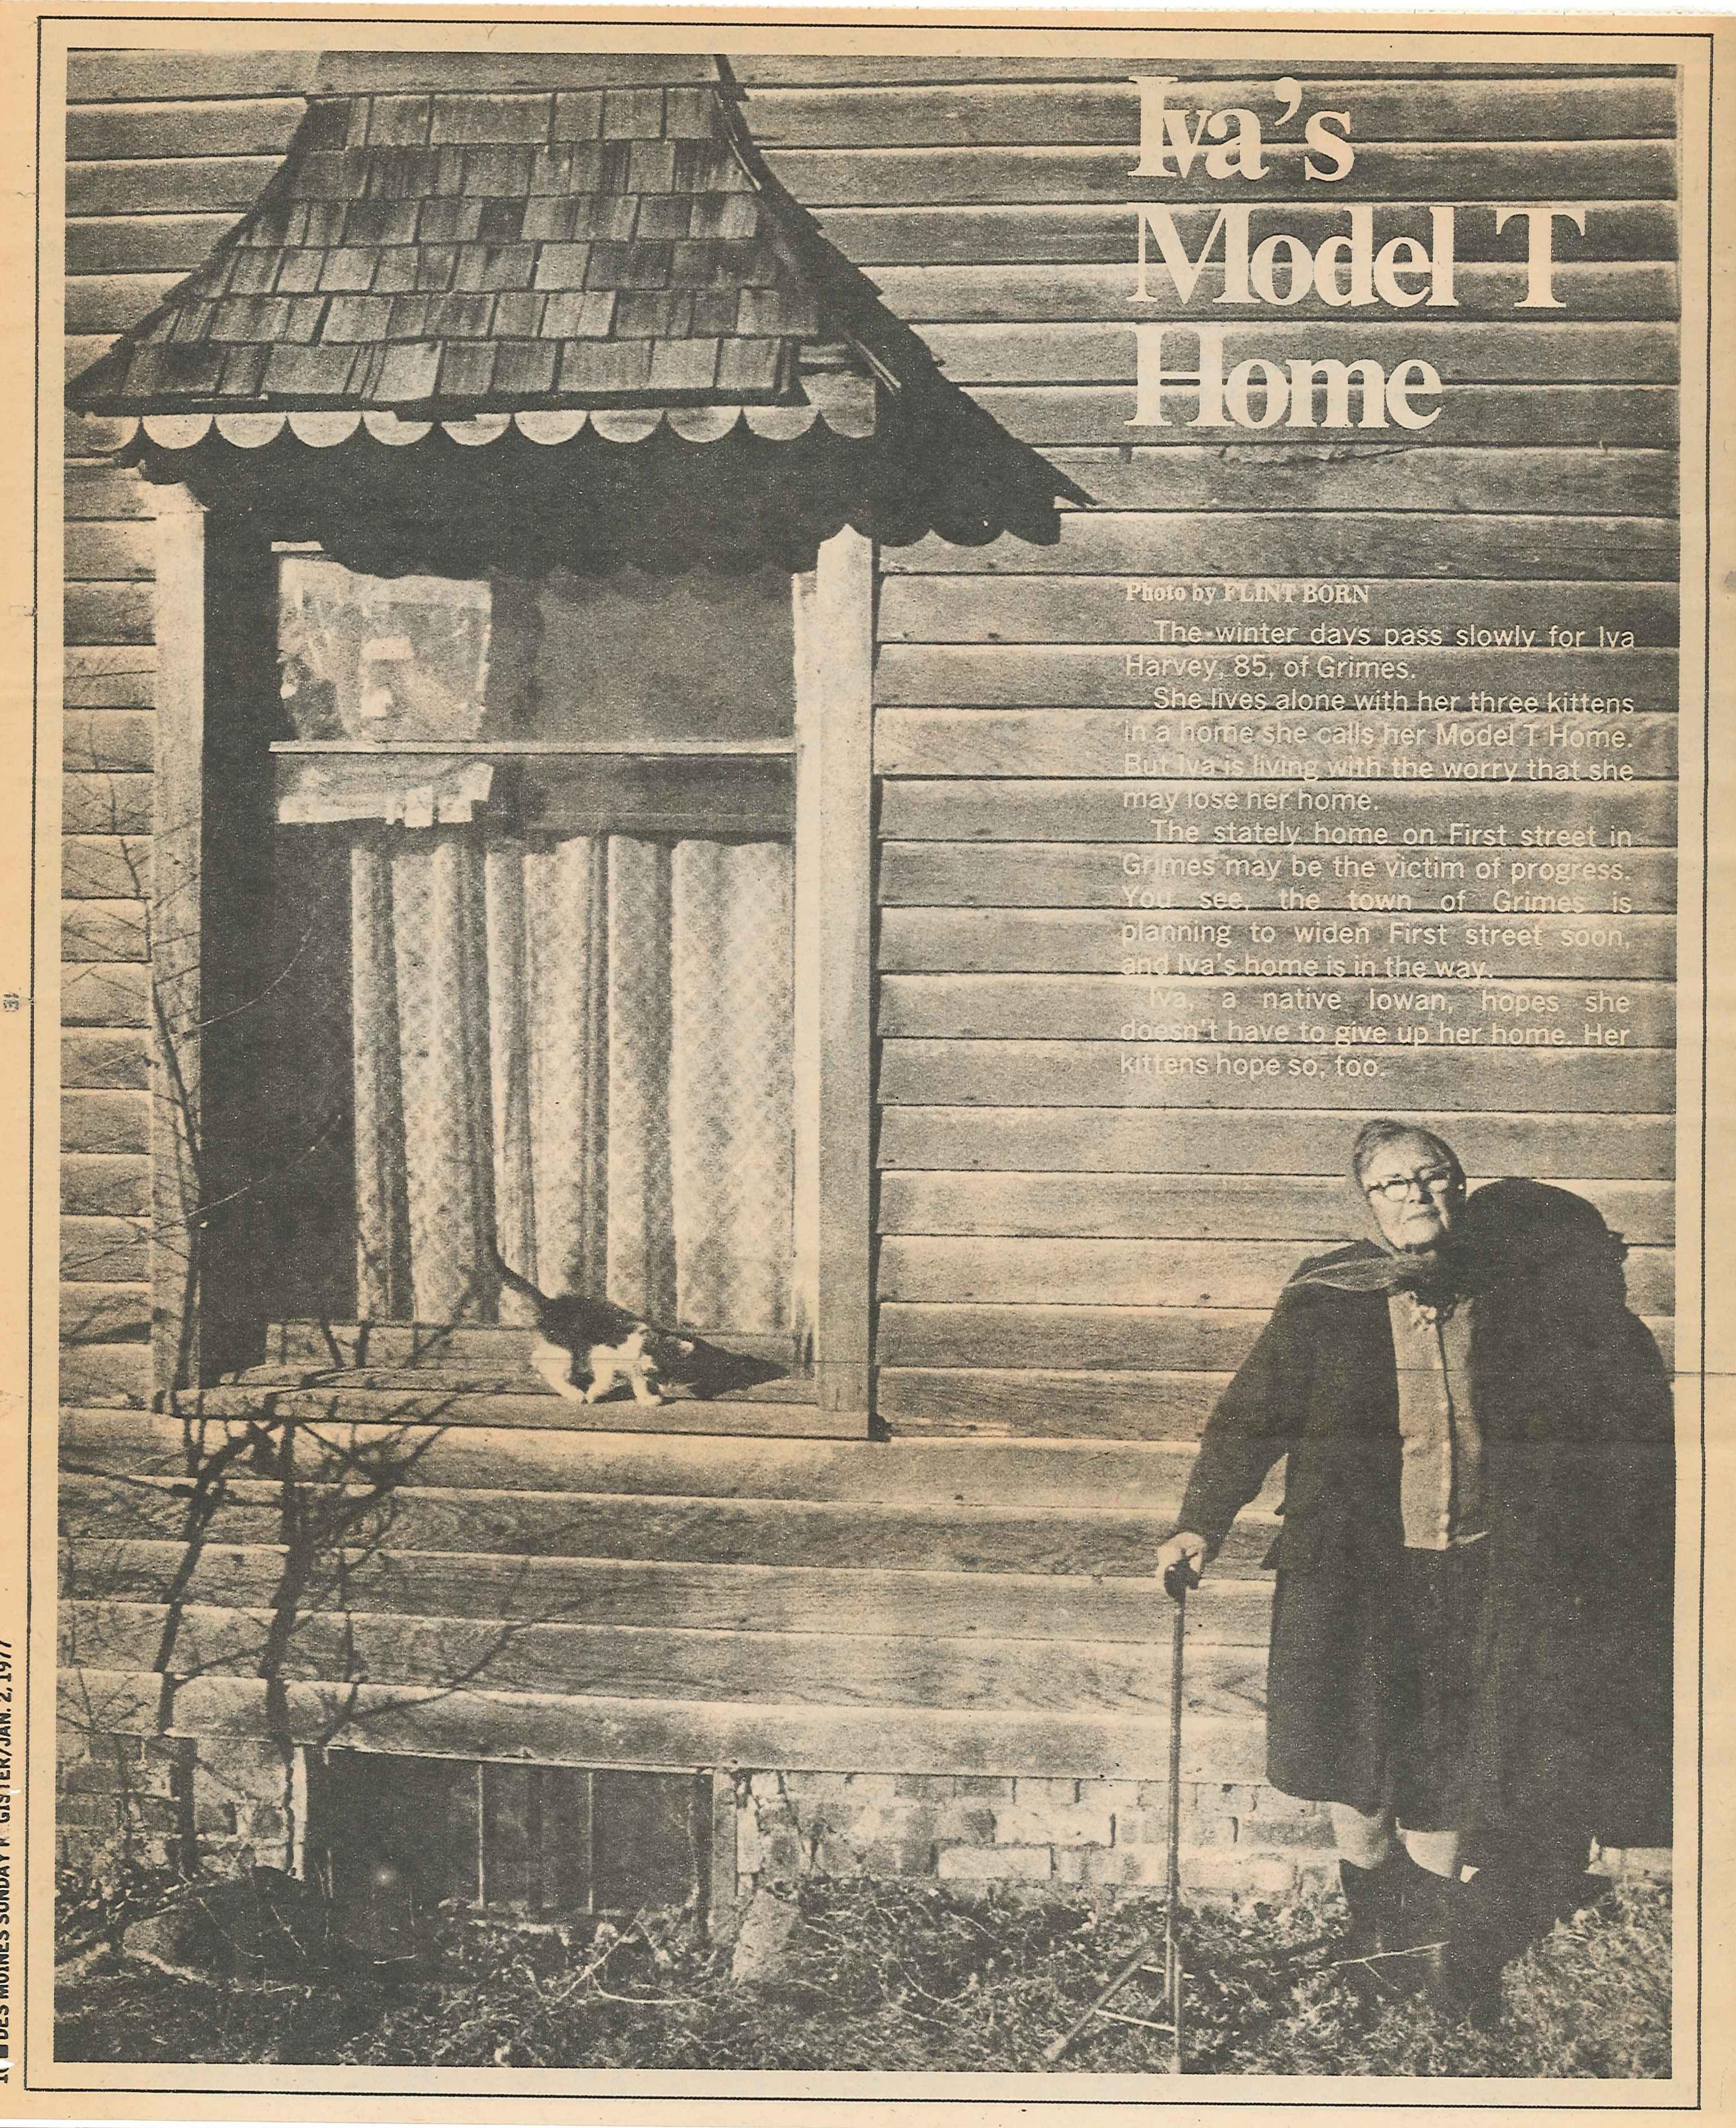 Iva's Model T Home